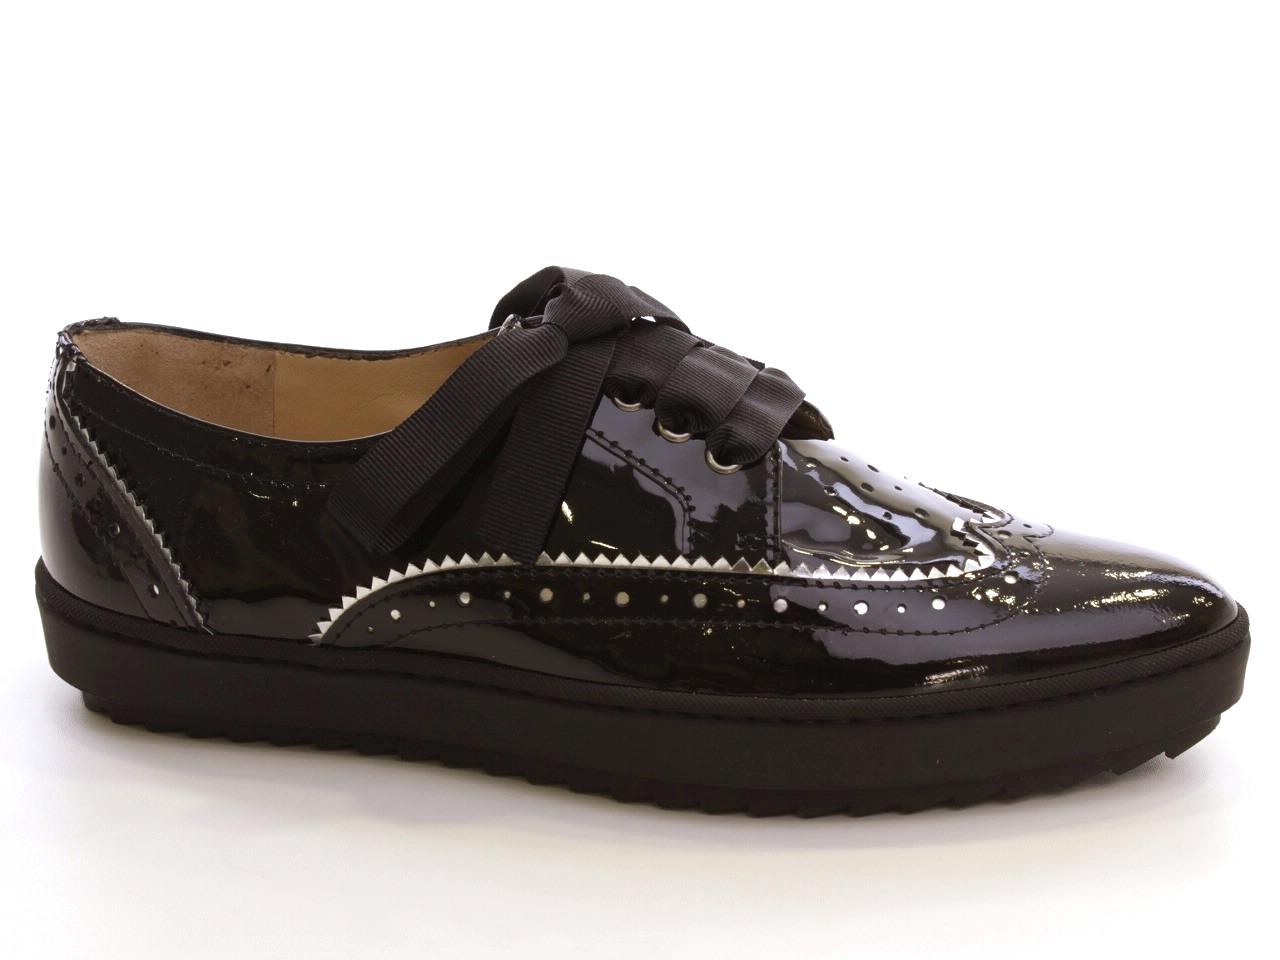 Sapatos Baixos, Sabrinas, Mocassins Helsar - 032 5225